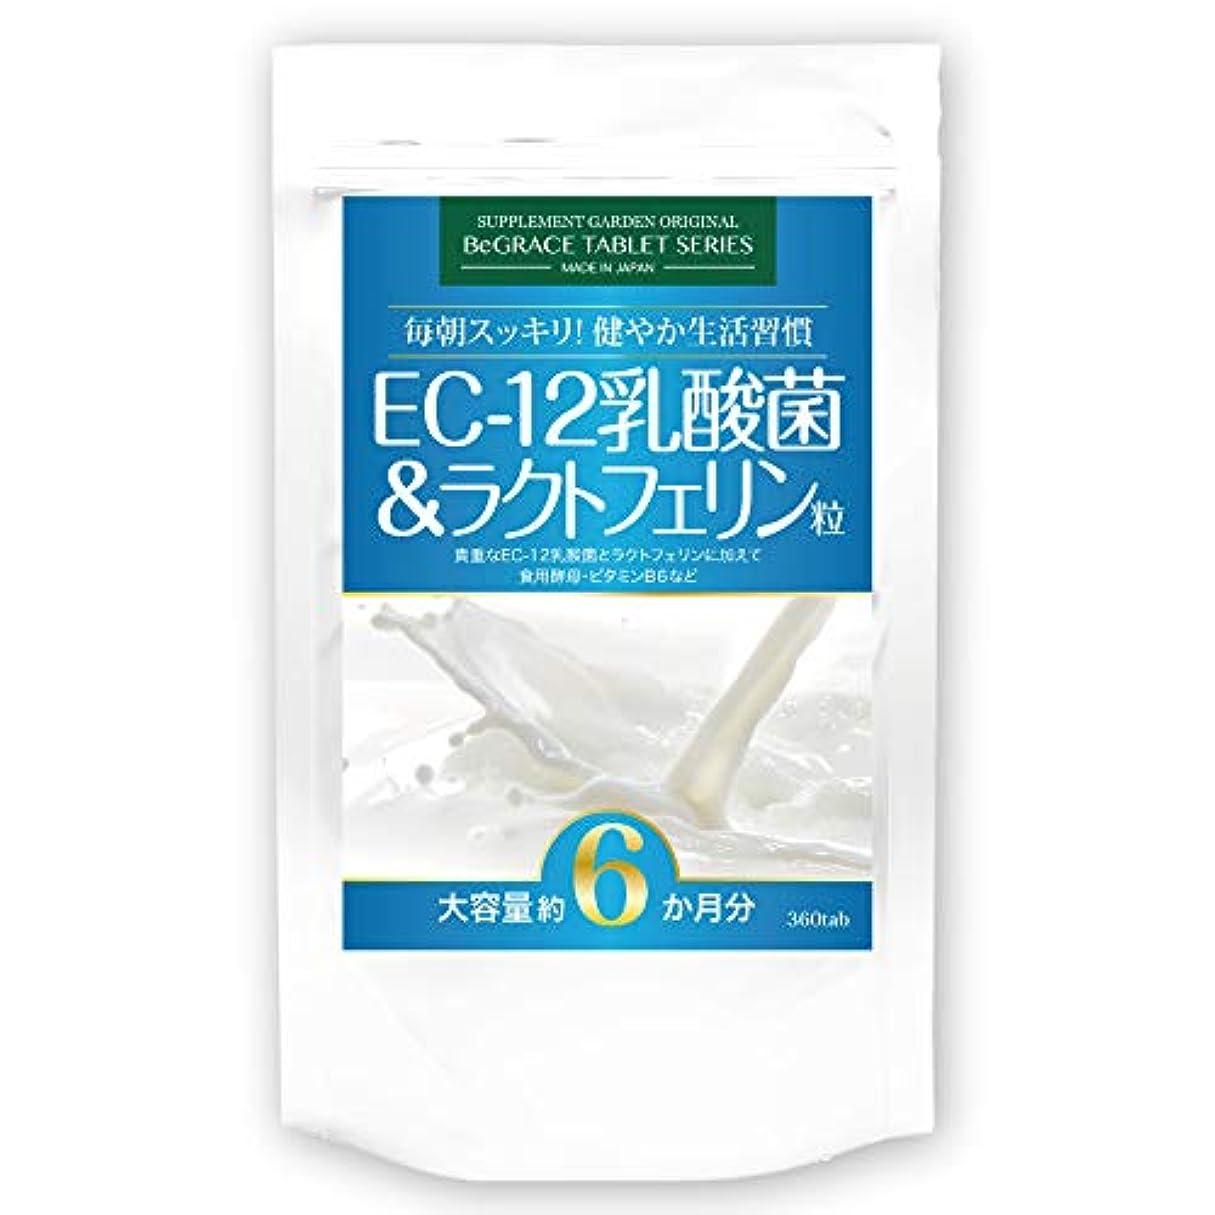 グレード爪嫉妬EC-12乳酸菌&ラクトフェリン粒 大容量約6ヶ月分/360粒(EC-12乳酸菌、ラクトフェリン、ビール酵母、ホエイプロテイン、ビタミンB6)